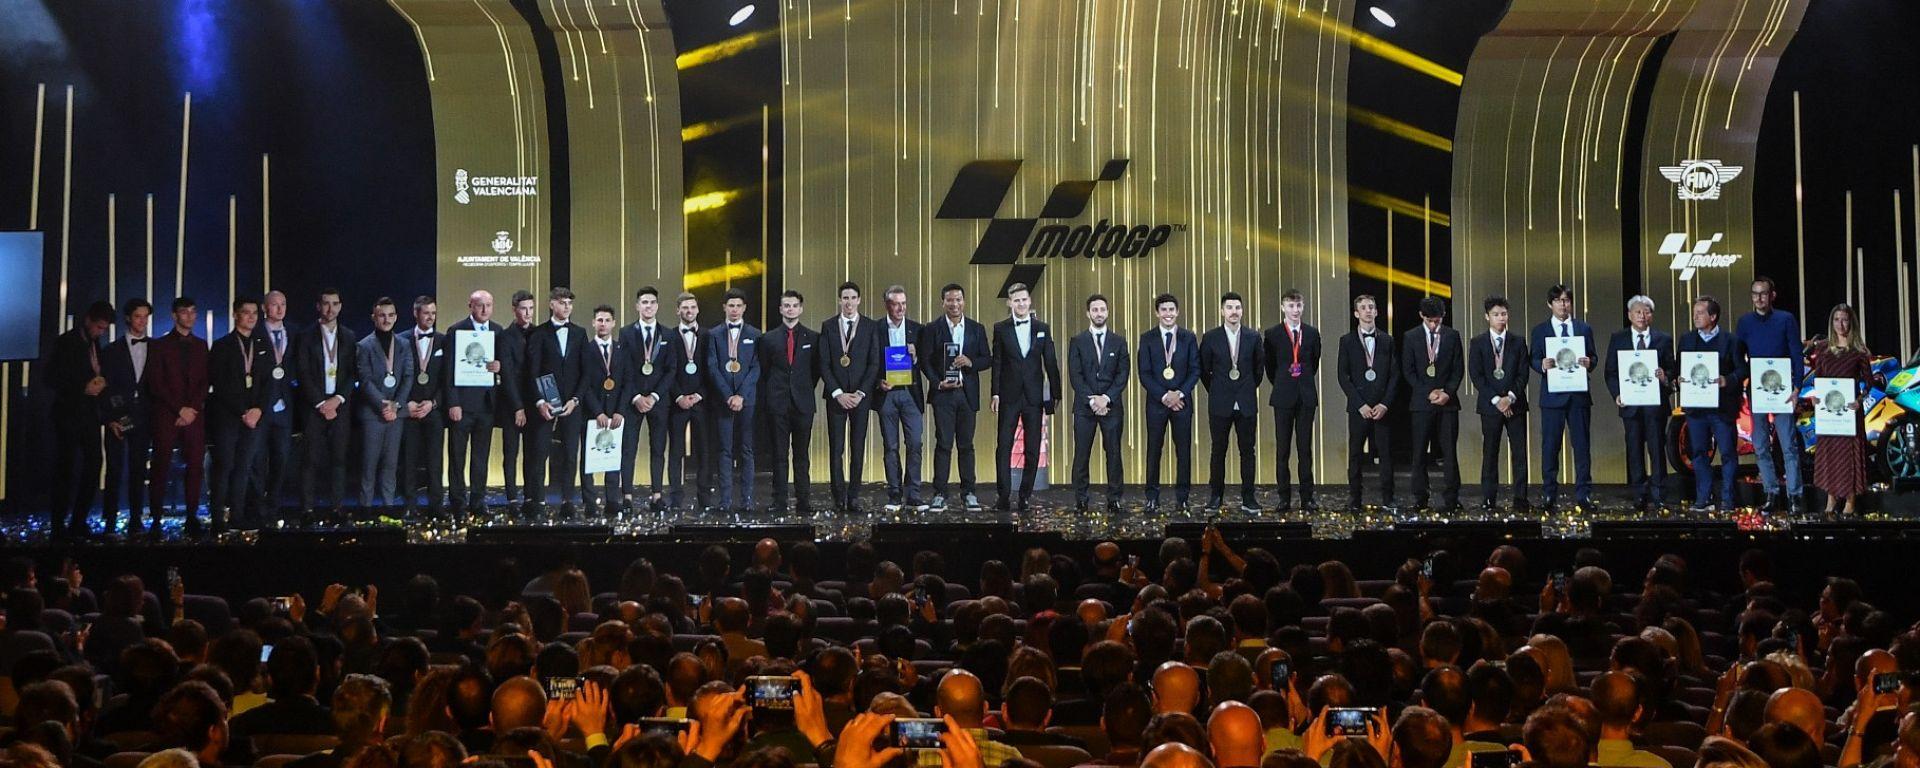 FIM Awards 2019, Valencia: foto di gruppo